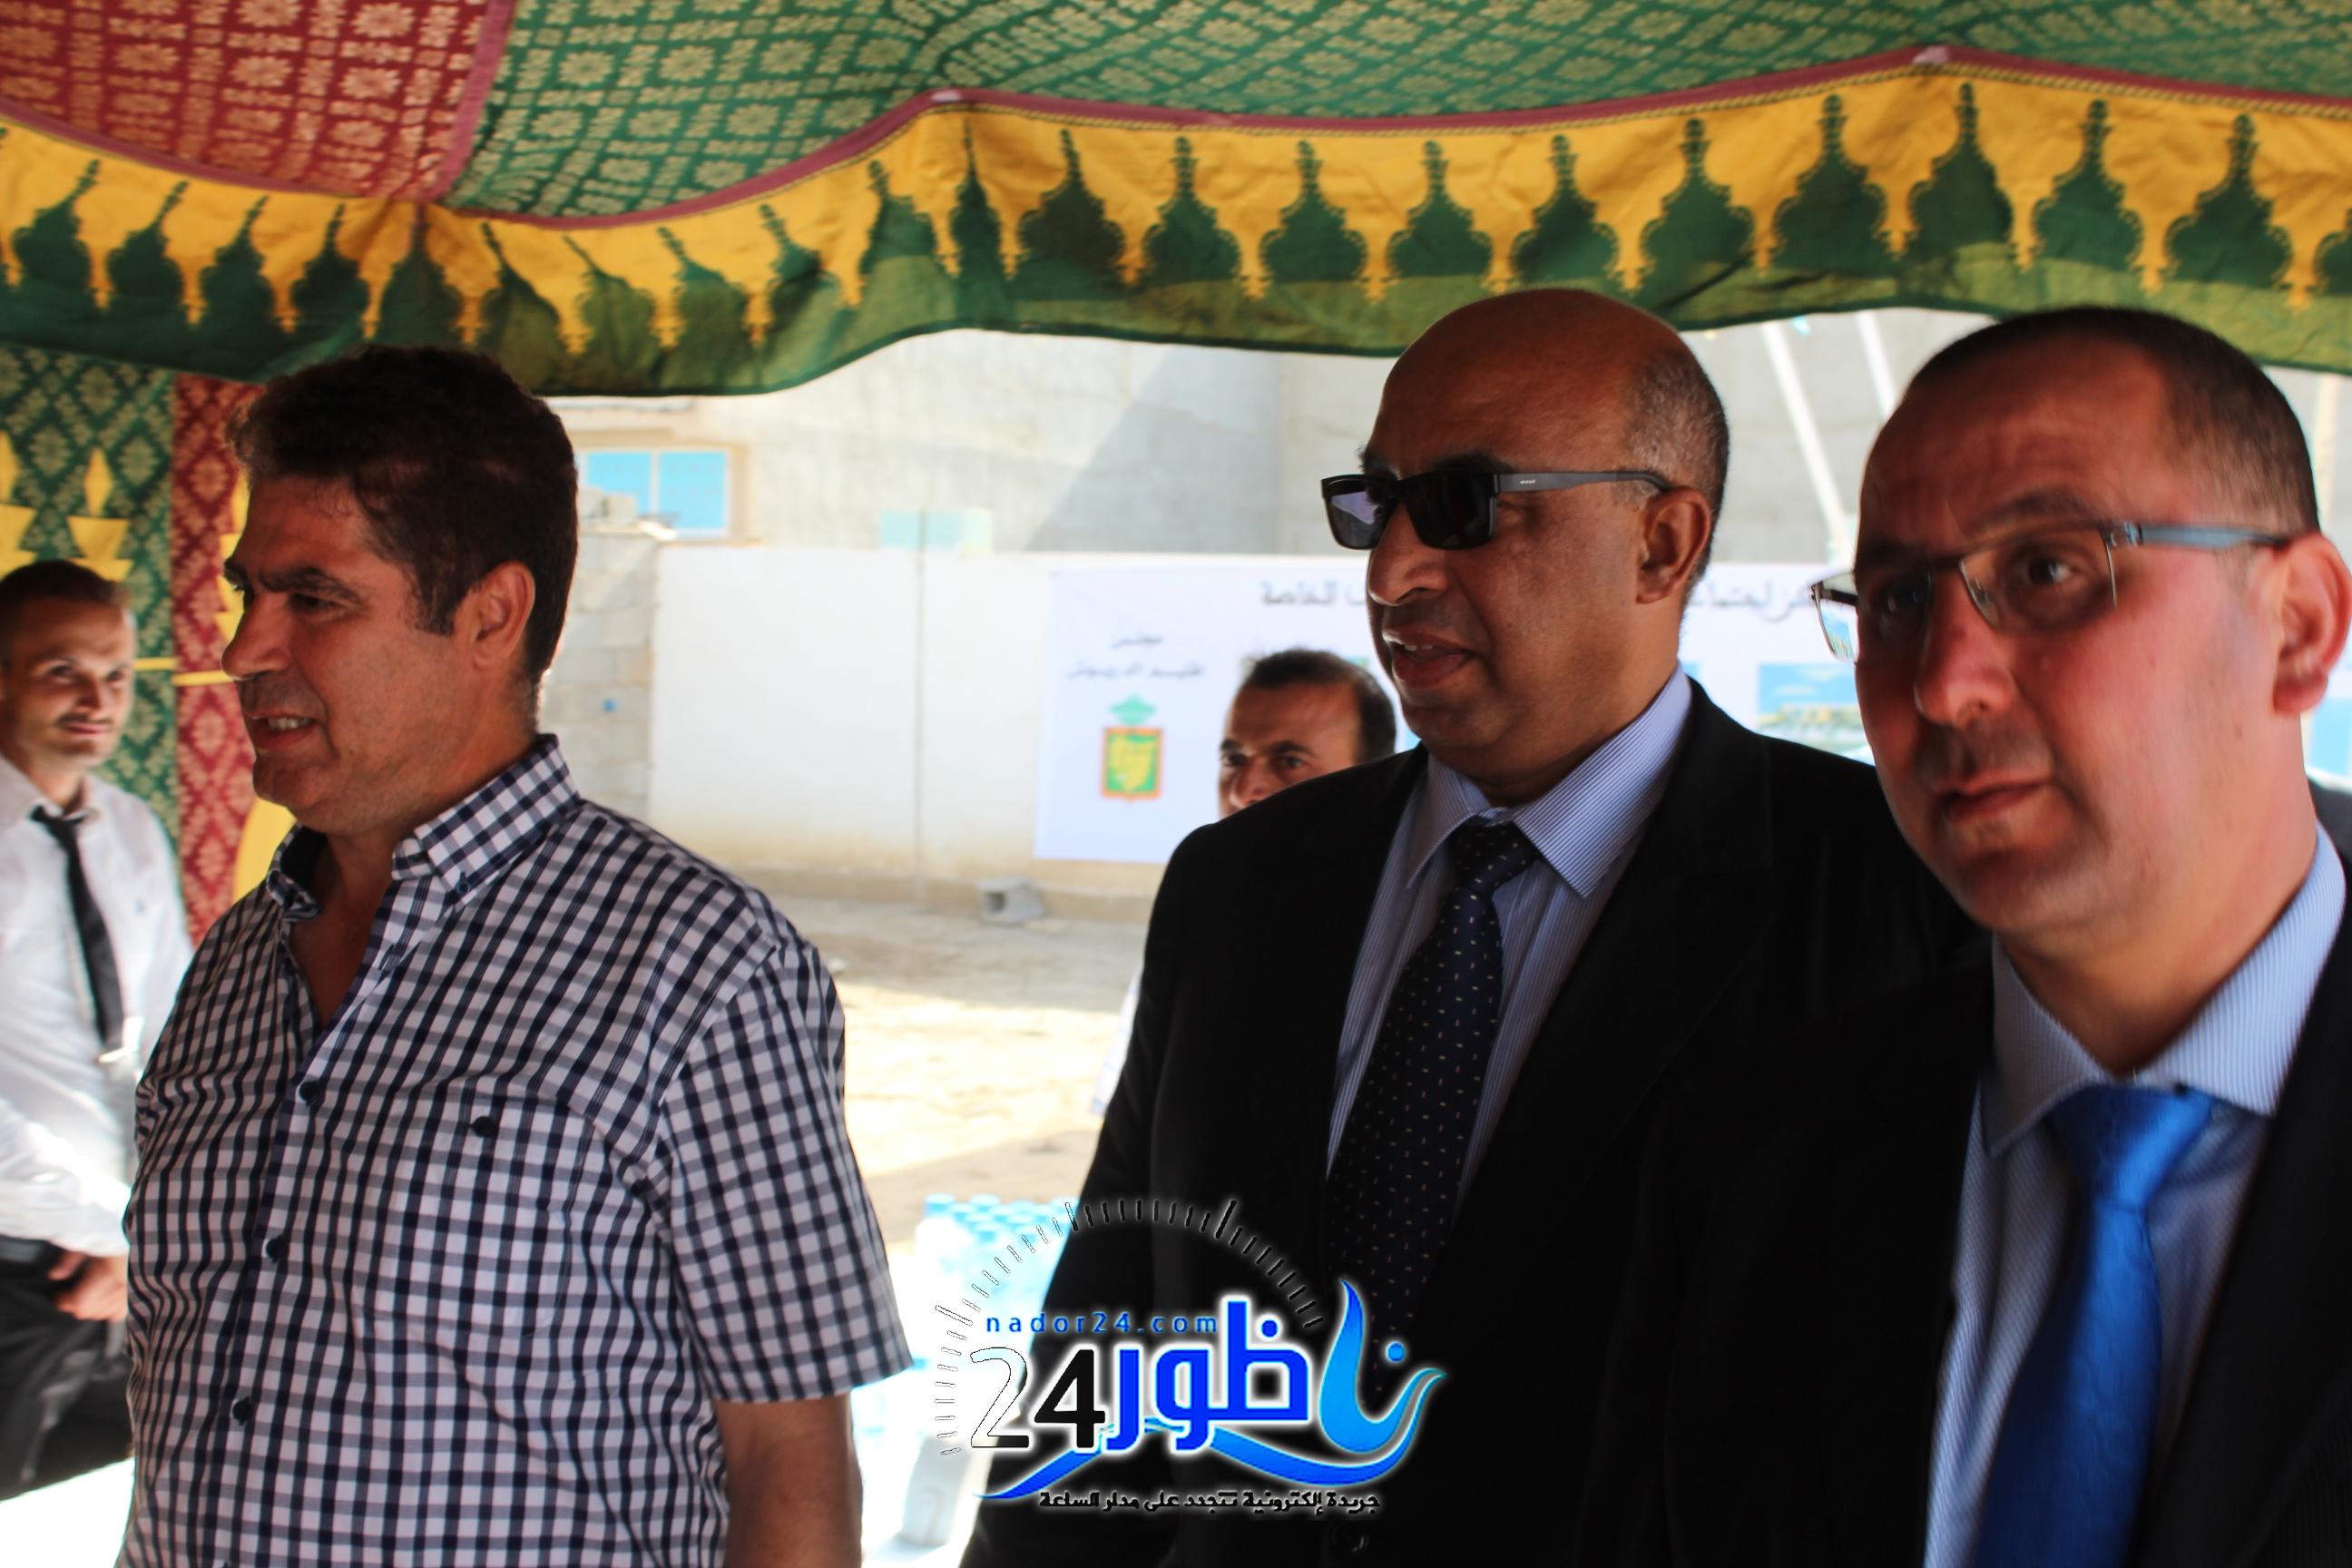 عامل الدريوش يشرف بمعية رئيس جماعة ميضار على إعطاء انطلاقة أشغال بناء مركز لذوي الاحتياجات الخاصة